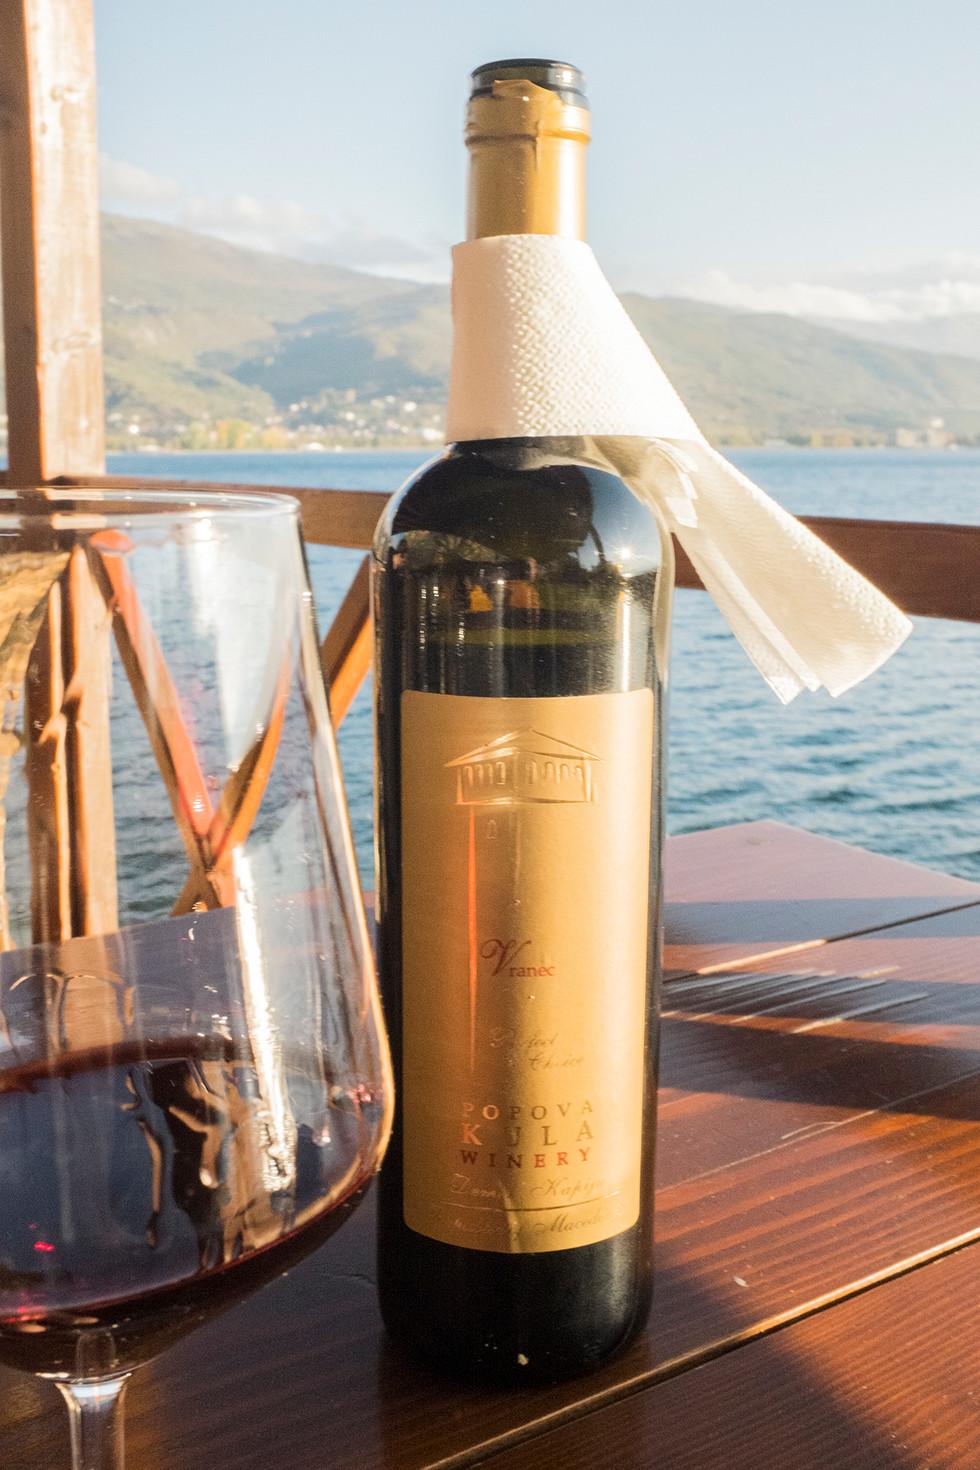 wines wines wines and... rakija